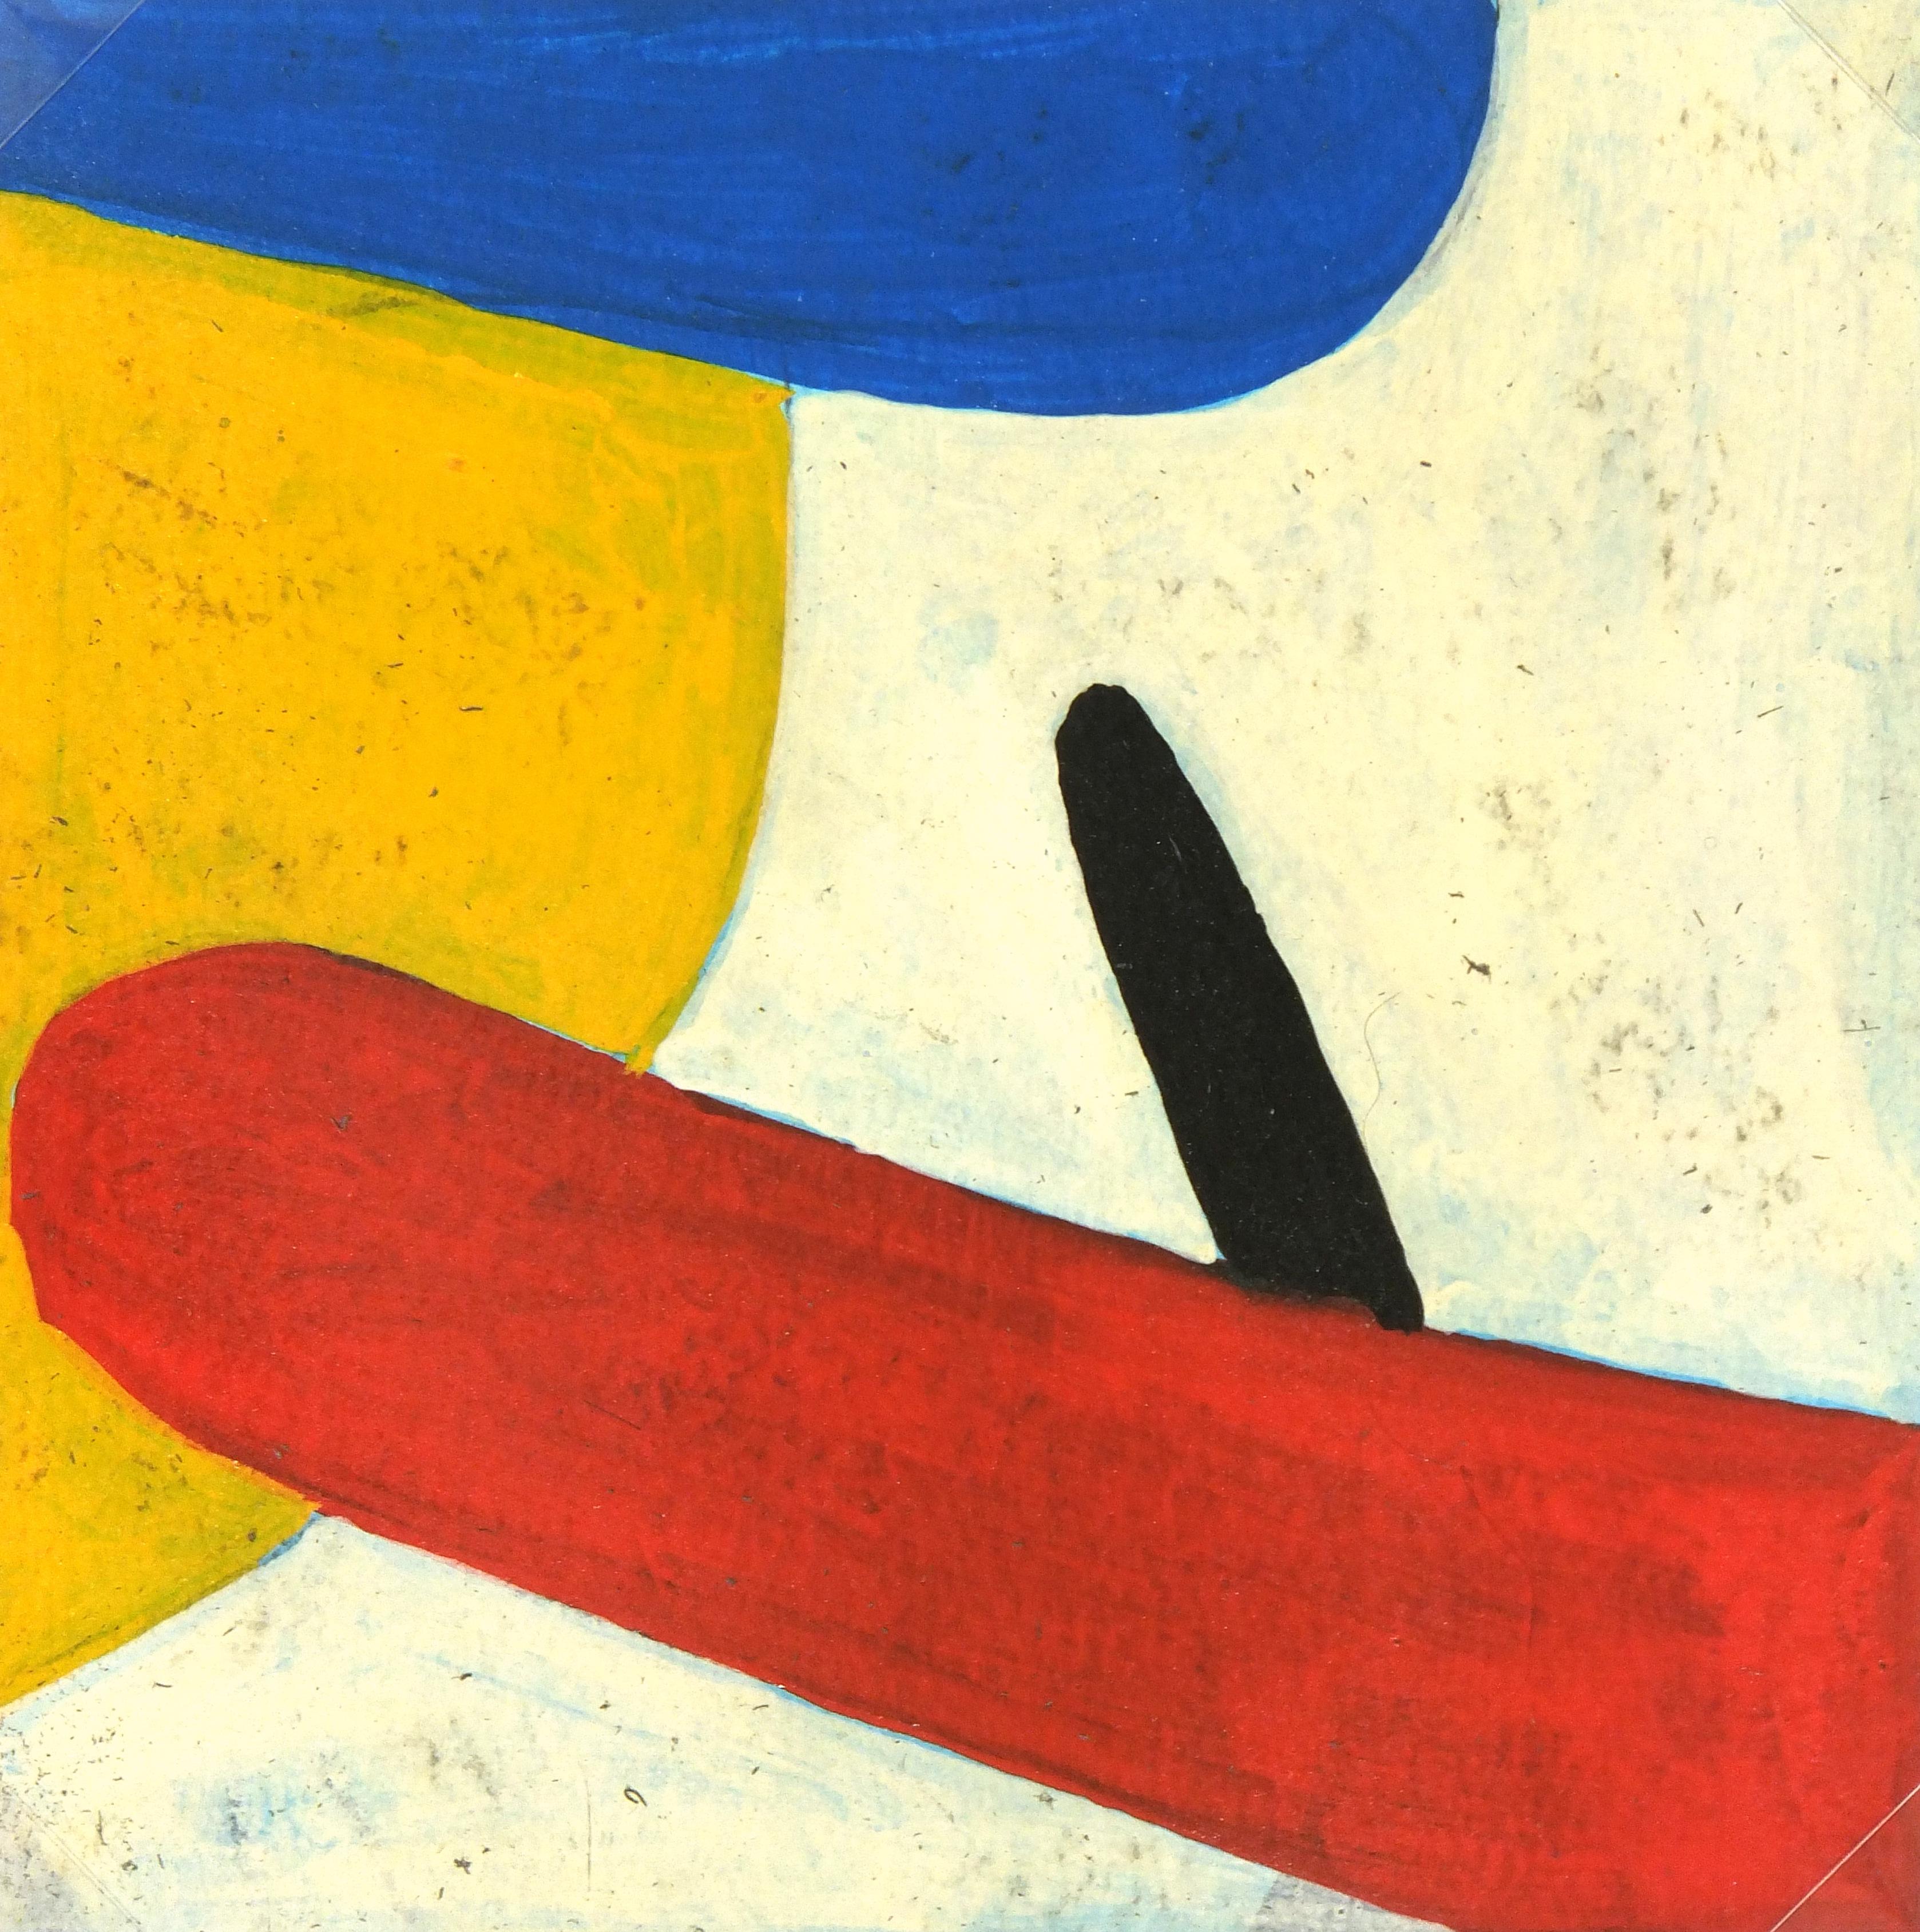 Abstract Oil Painting, Circa 1940-main-5214MG